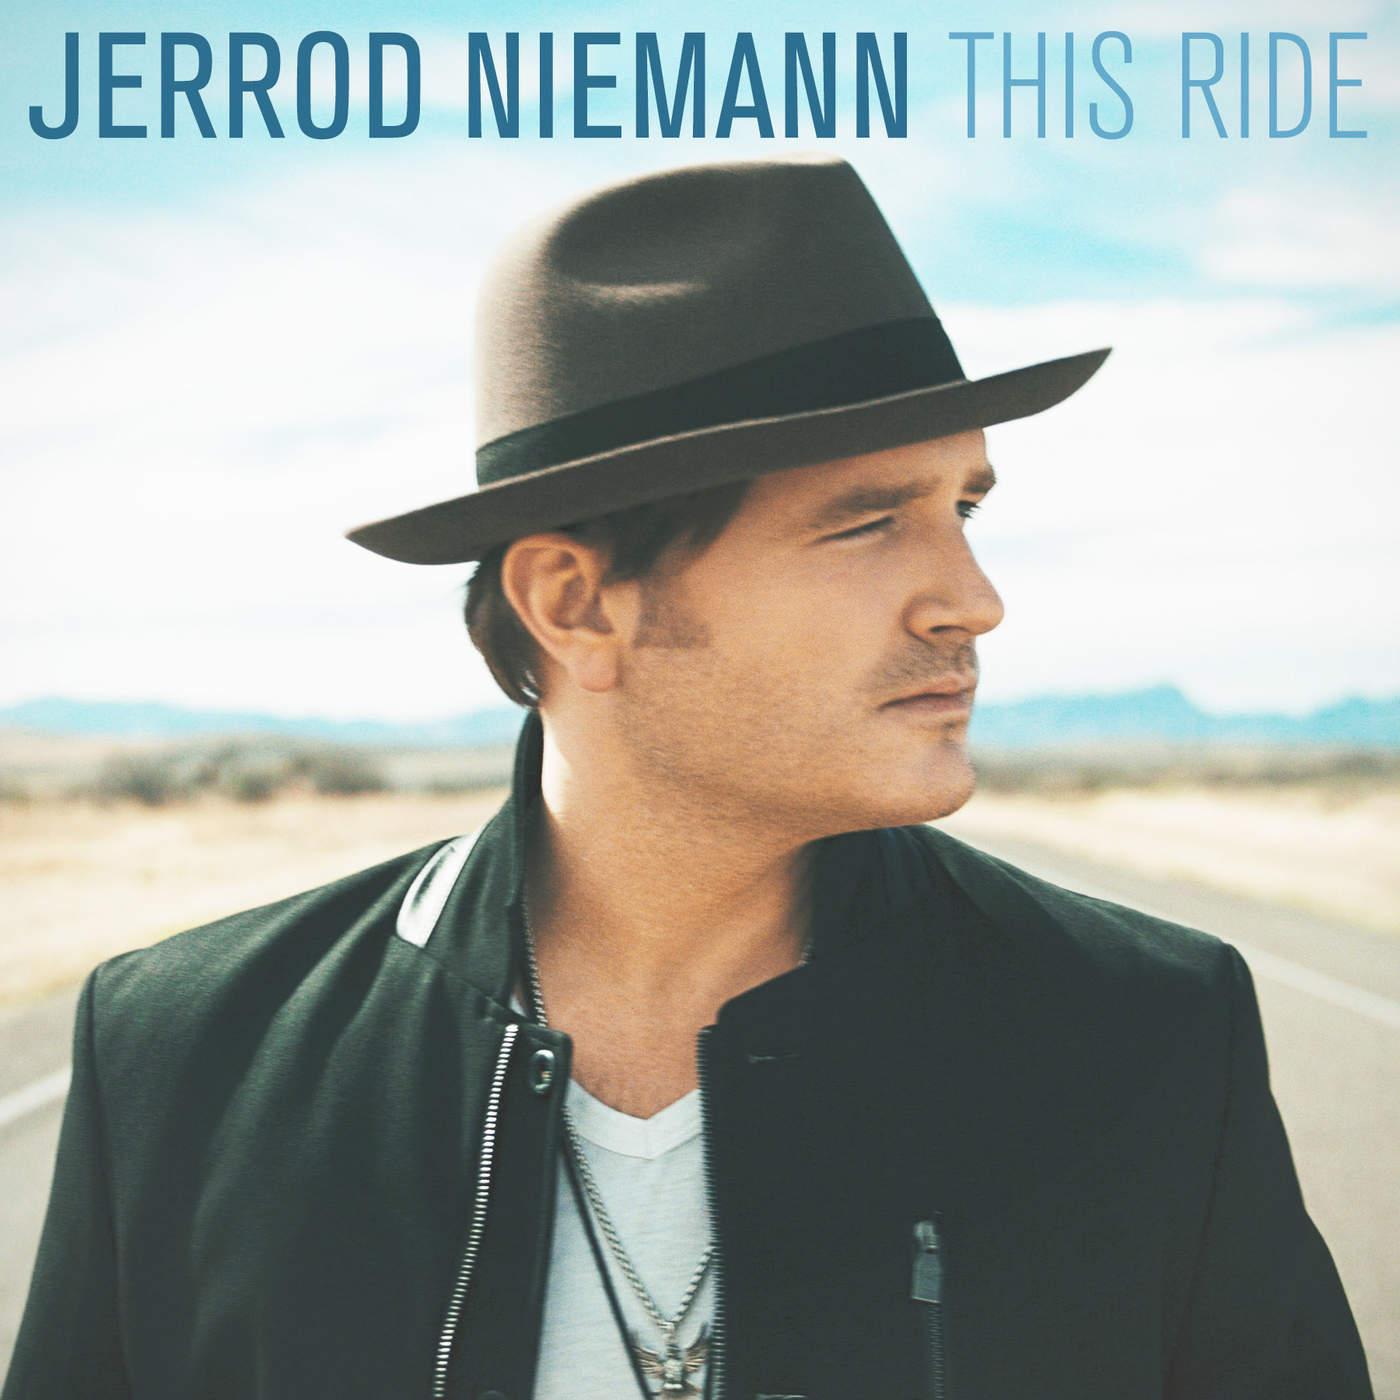 This Ride - Jerrod Niemann